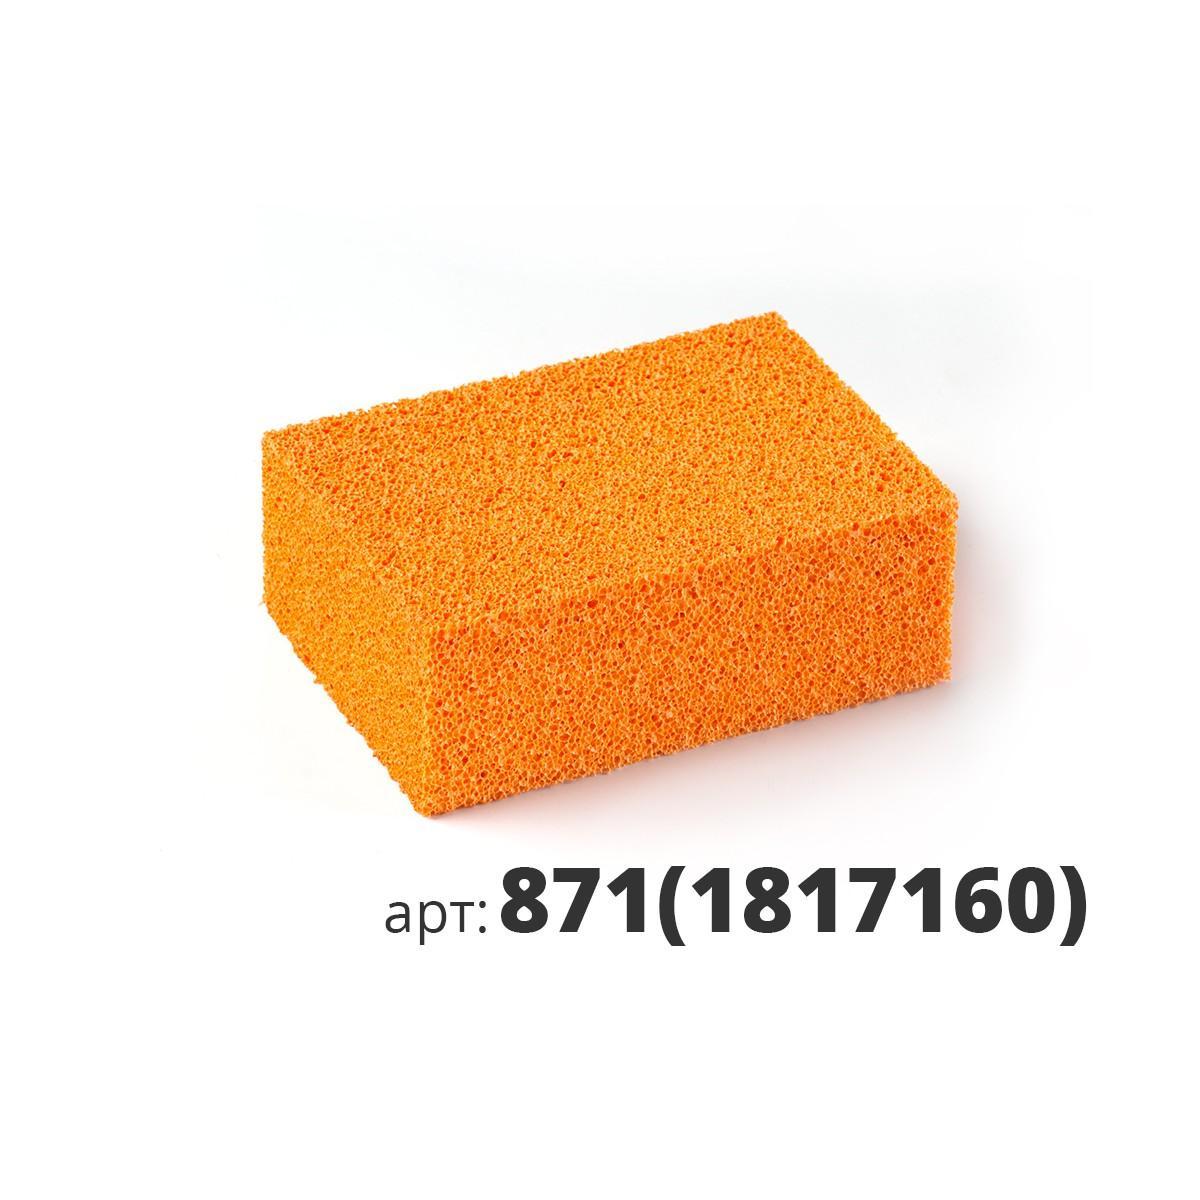 PAVAN губка декоративная резиновая прямоугольная 871(1817160)